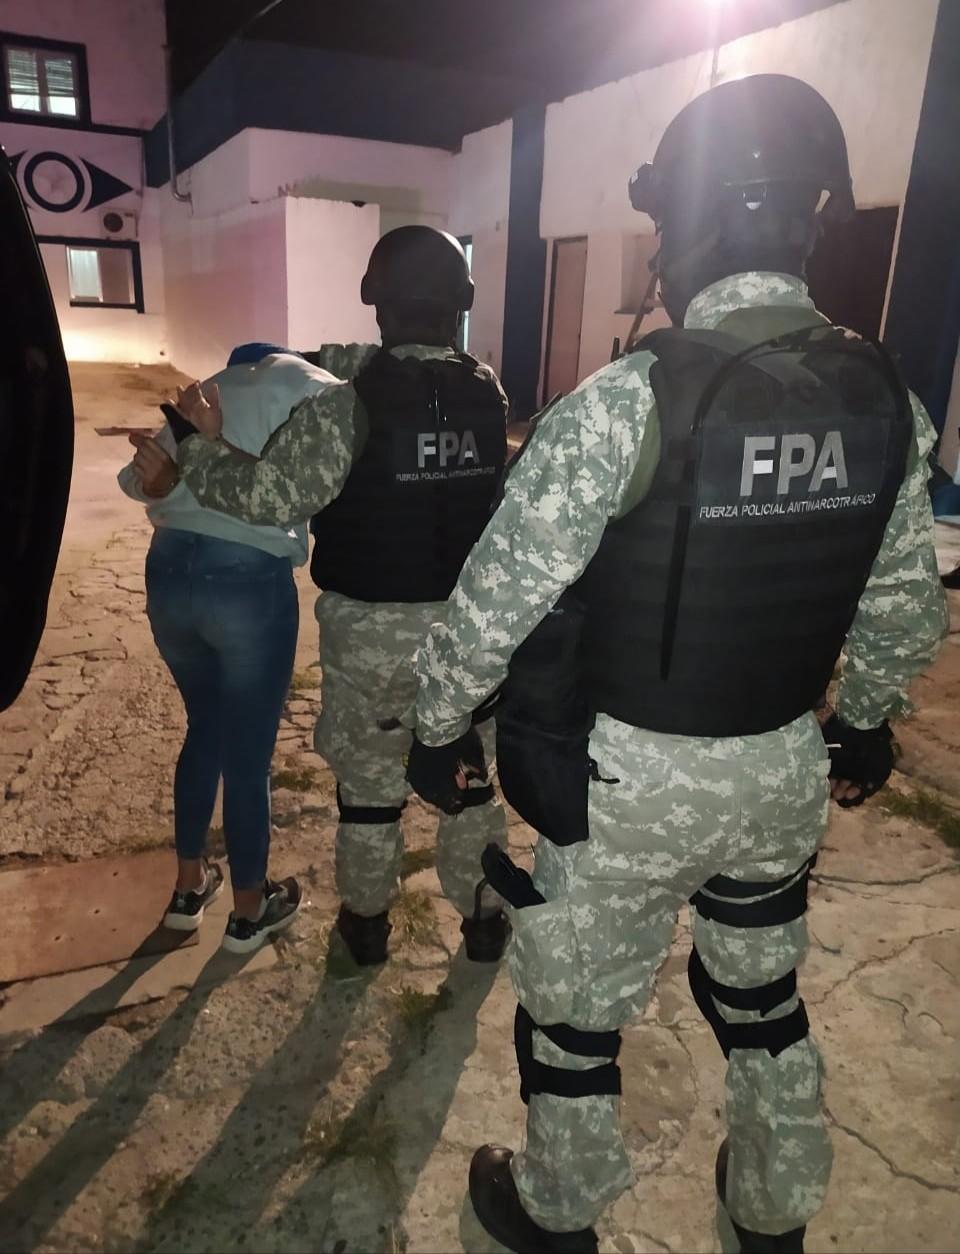 DOS DETENIDOS POR LA FPA EN GENERAL ROCA